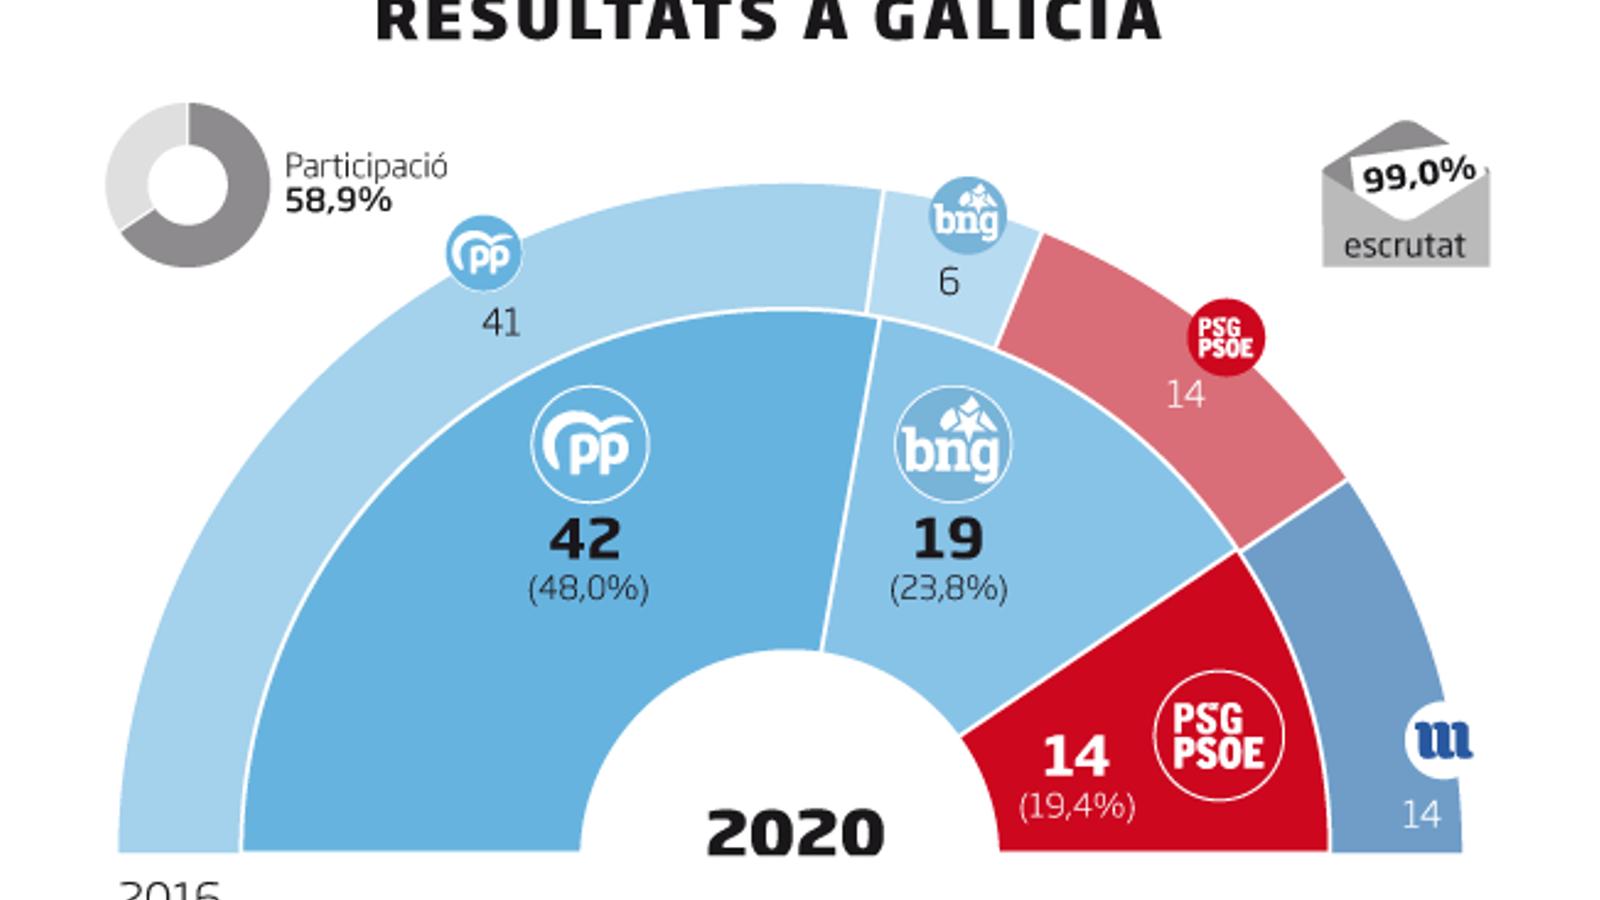 Feijóo es torna a imposar a Galícia i aconsegueix la quarta majoria absoluta